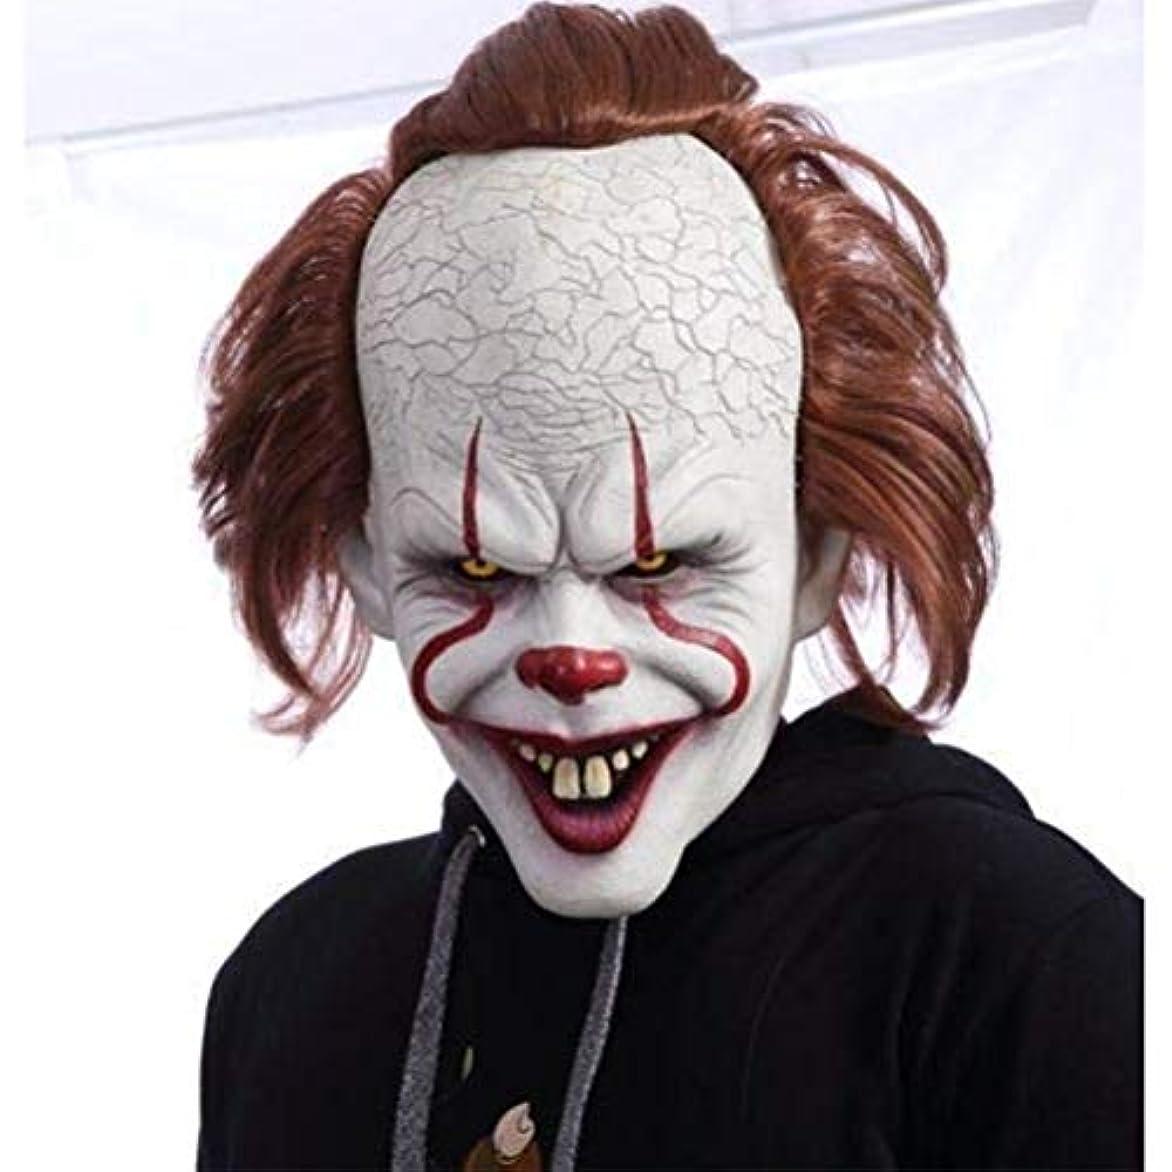 インレイなす個人的にBSTOPSEL ピエロラテックスマスク怖いジョーカーマスクハロウィンホラーマスクコスプレ衣装の小道具